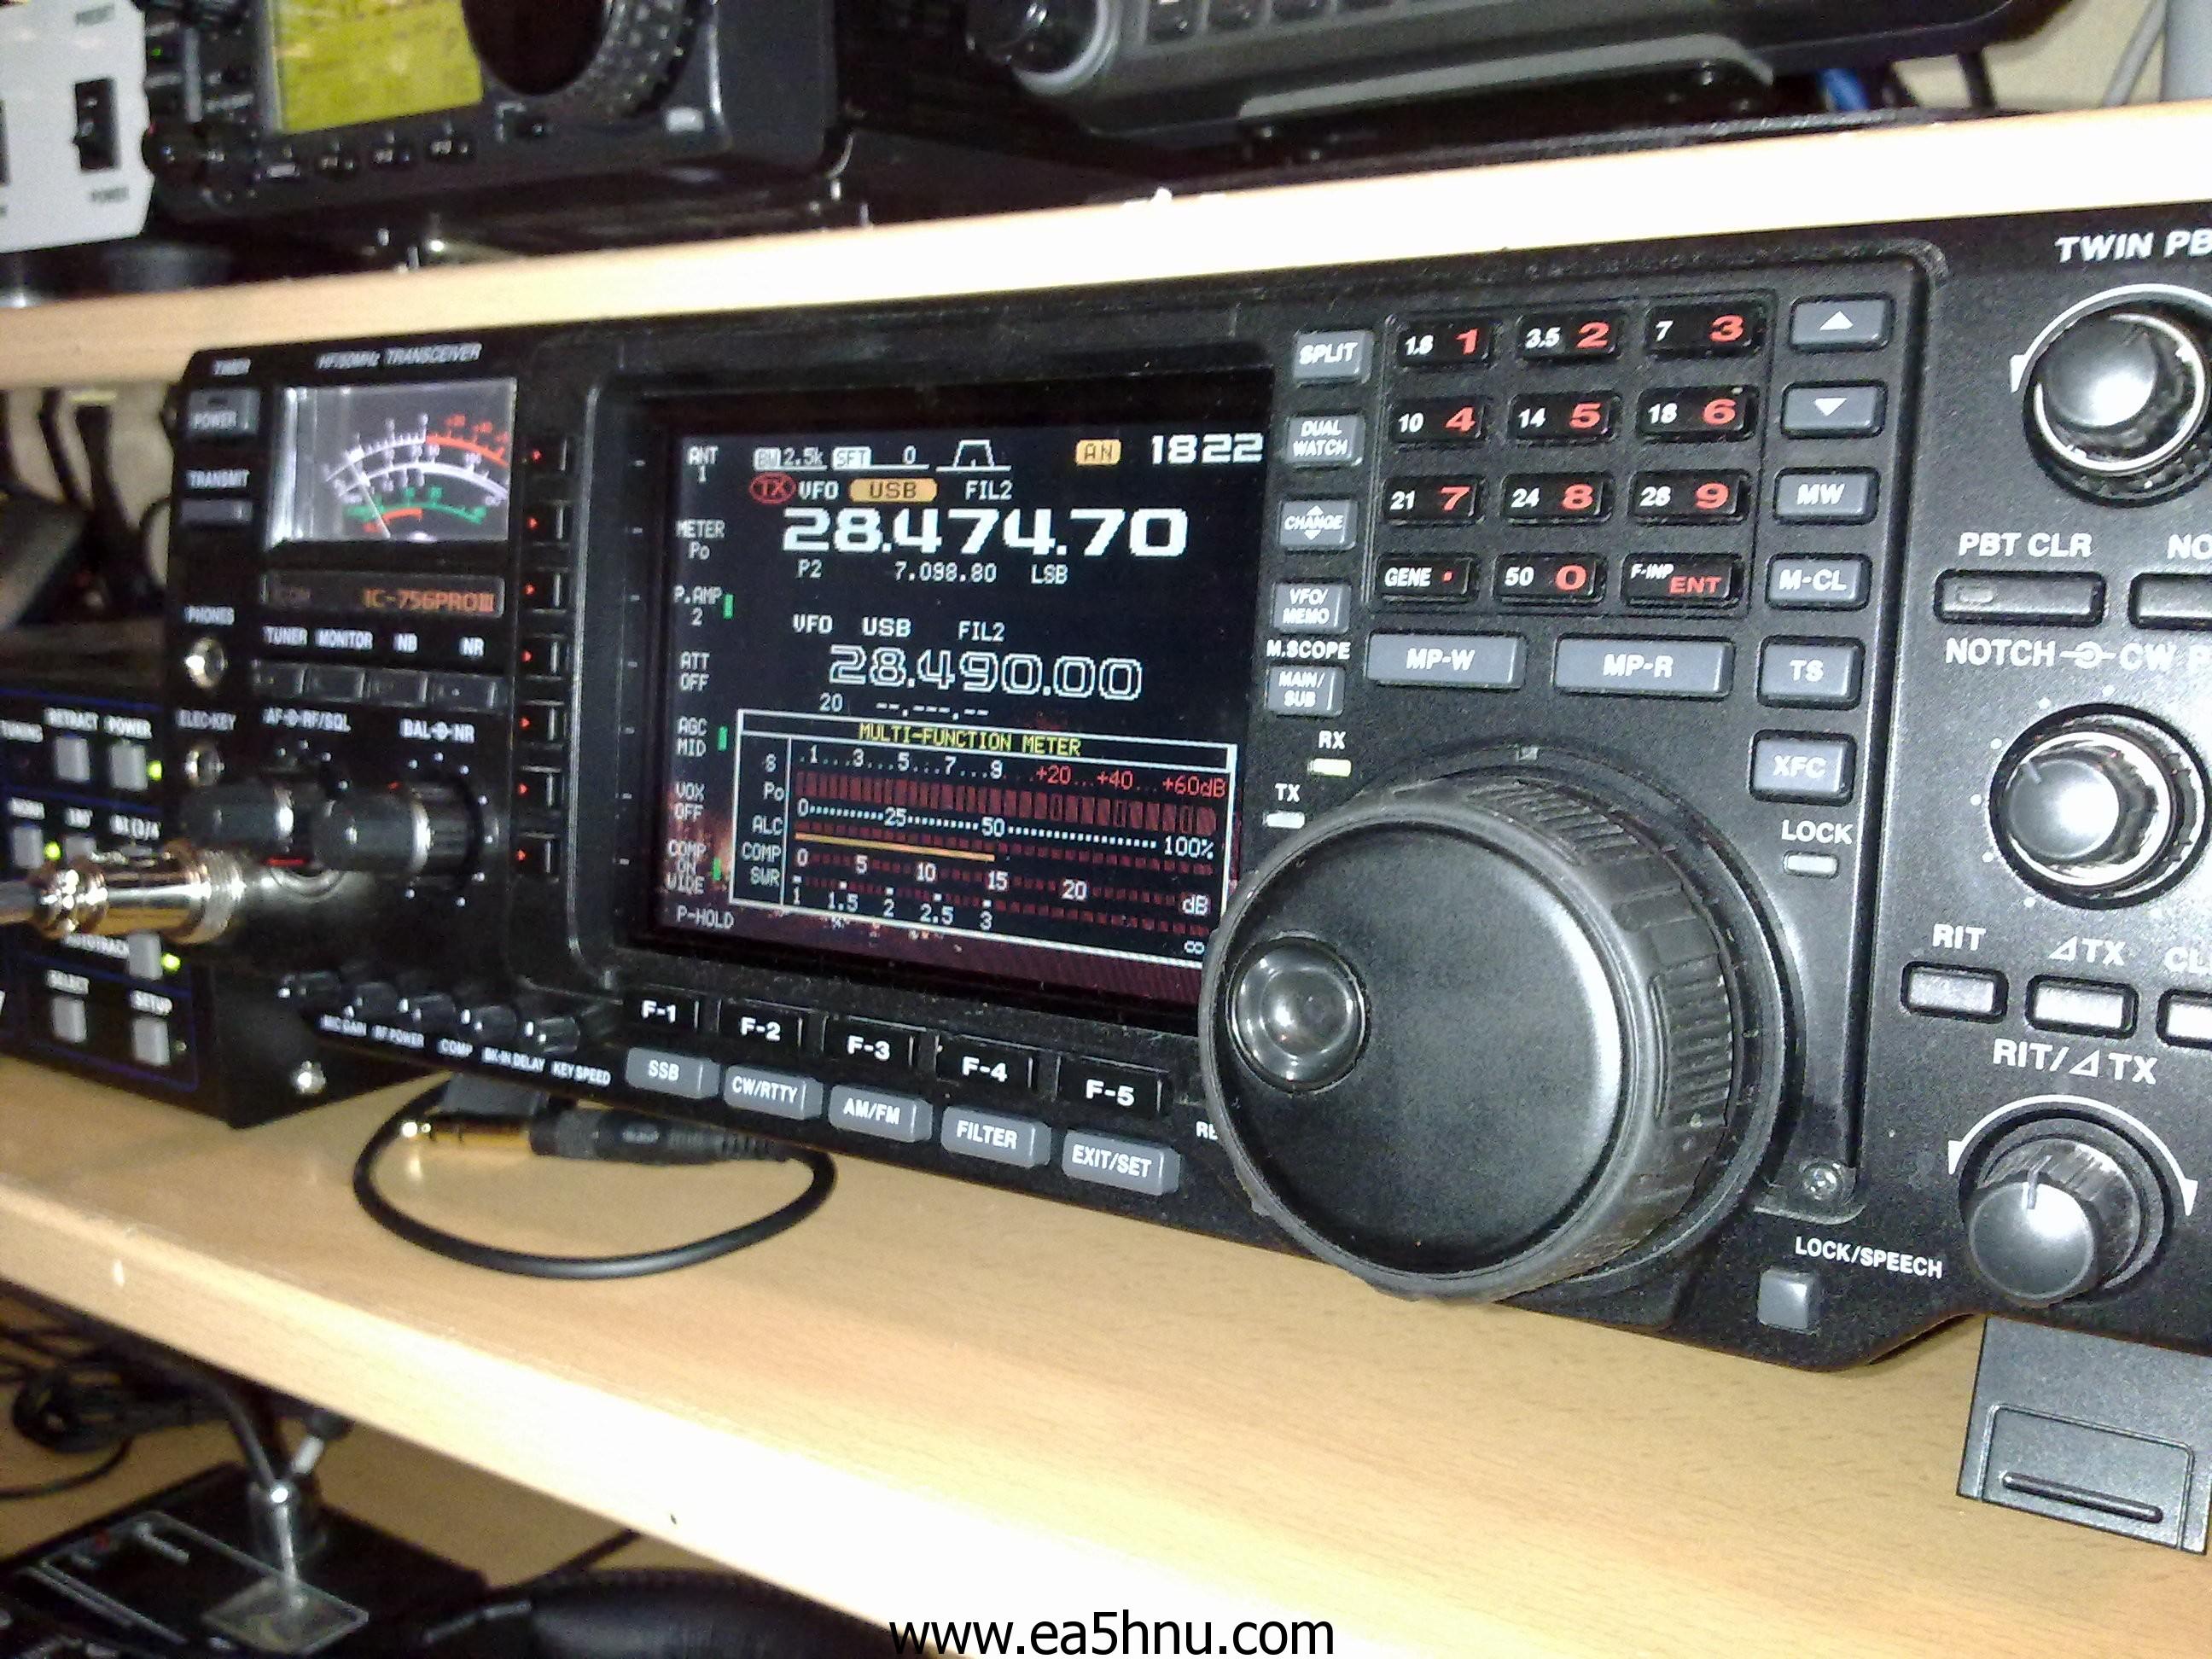 Icom 756 Pro III